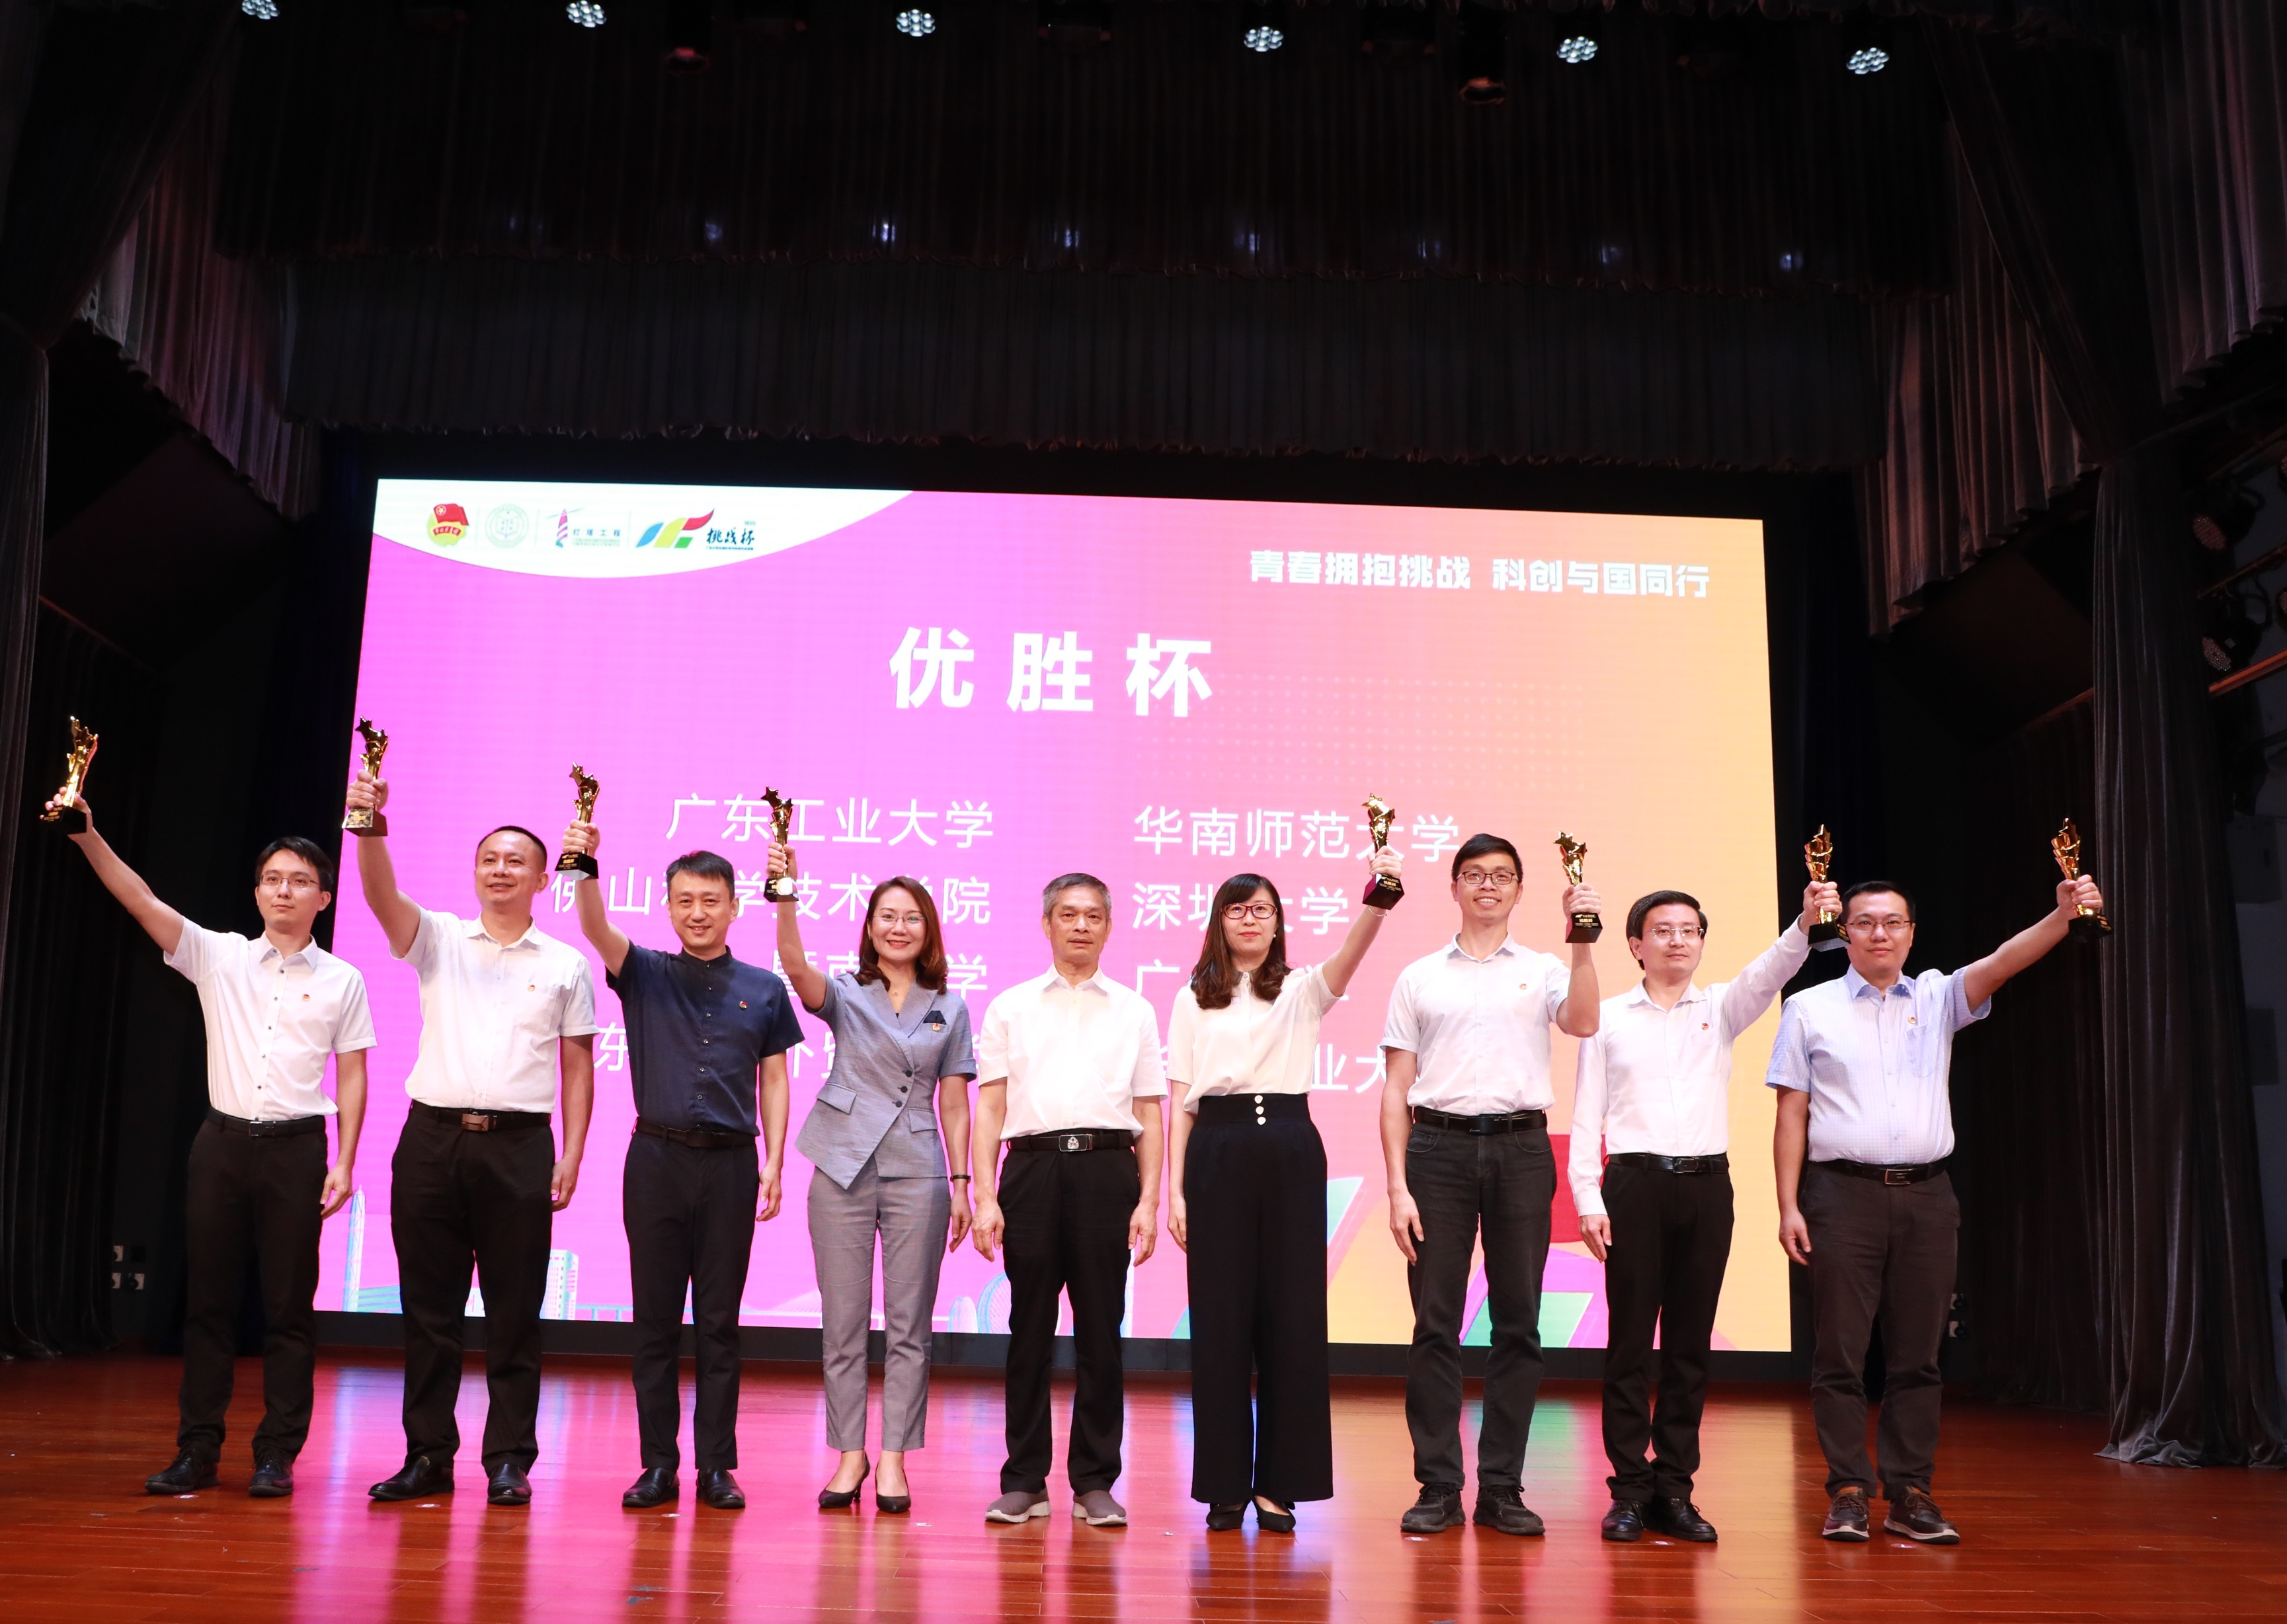 今年广东大学生科技作品竞赛落幕 参赛作品3636件156件作品获特等奖